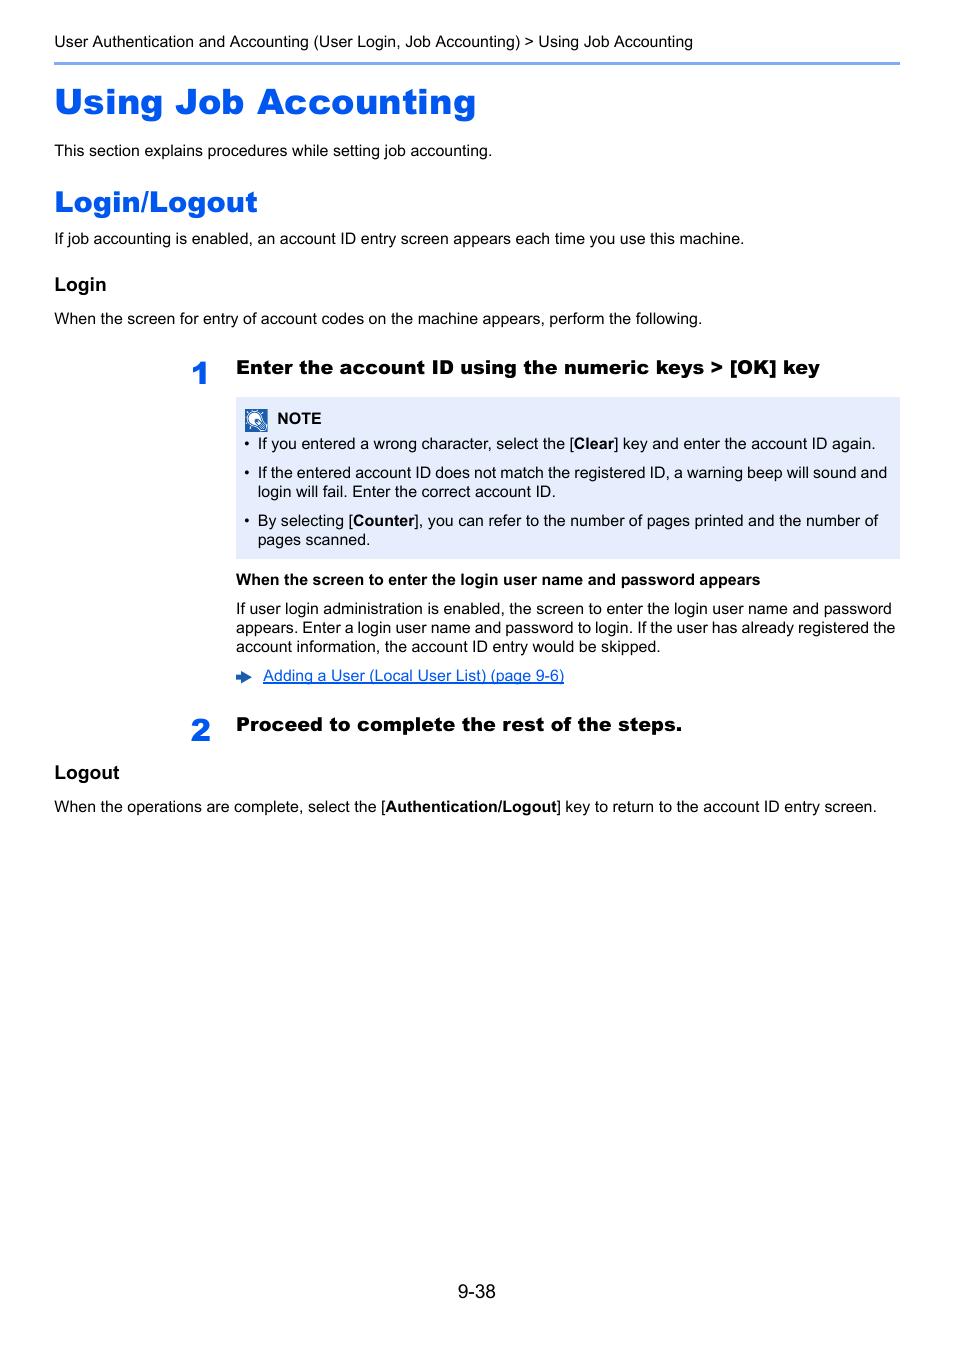 CLARICE: Match com log out